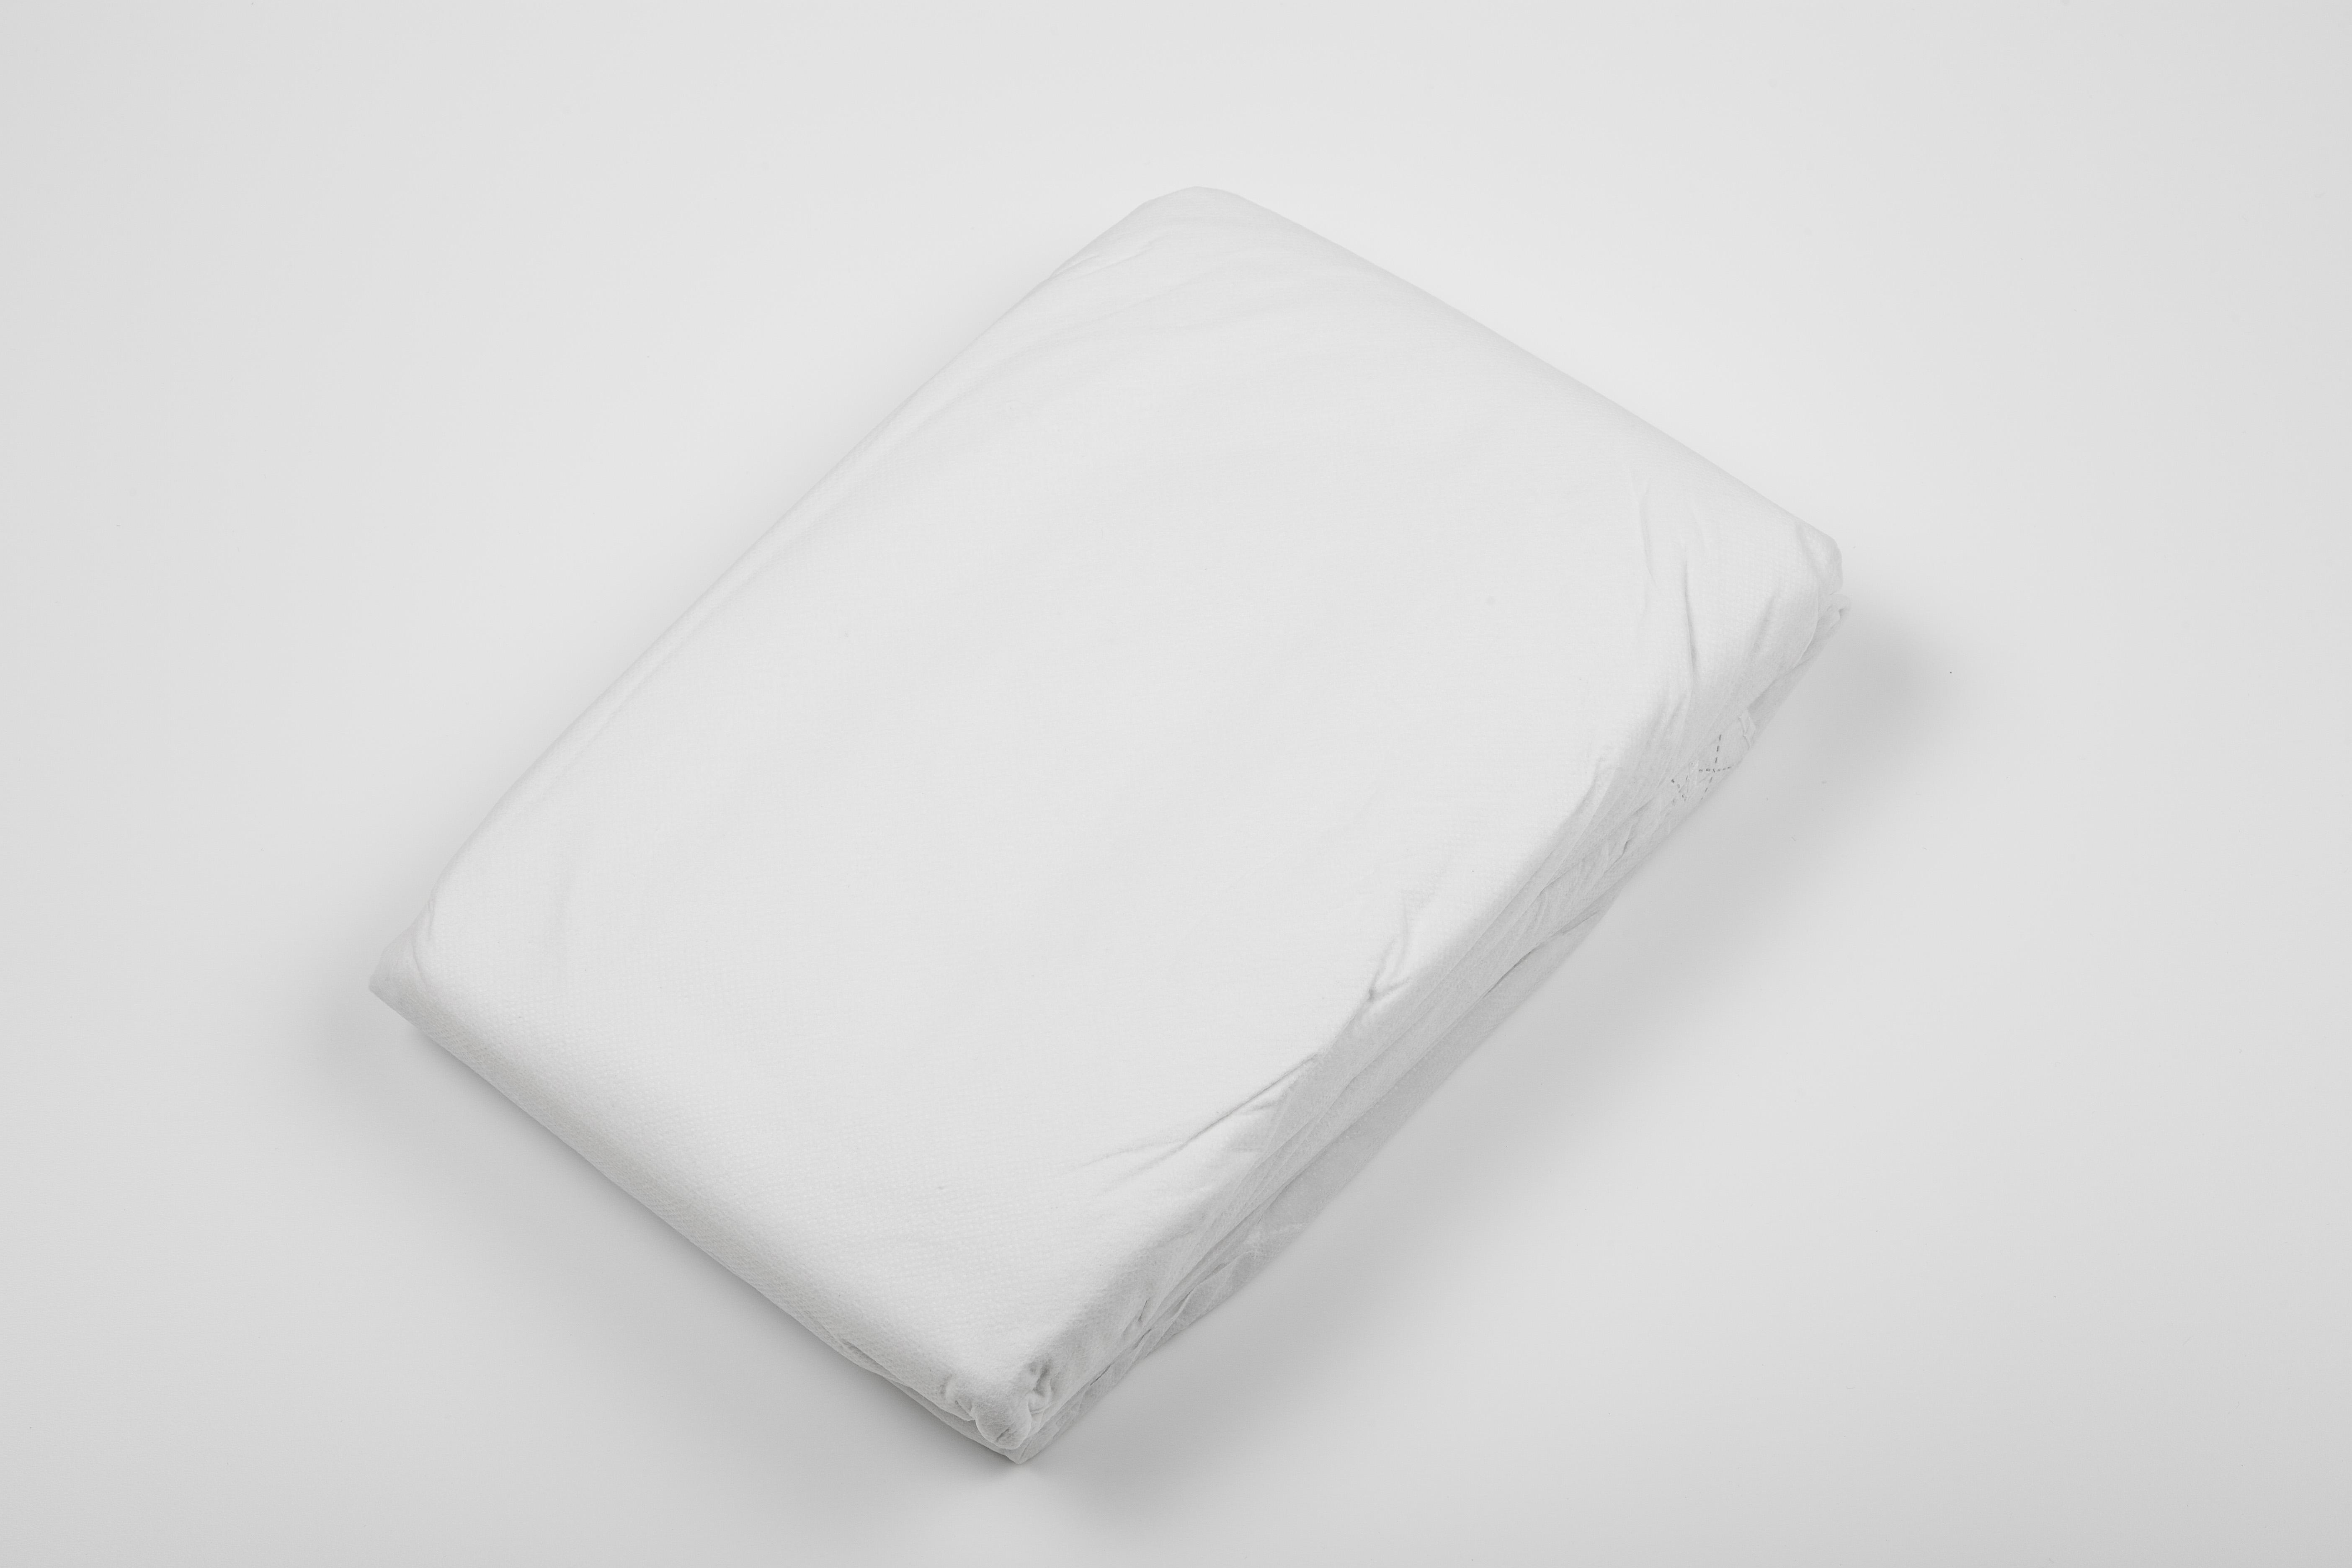 Einmaldecken, weiß, 750g